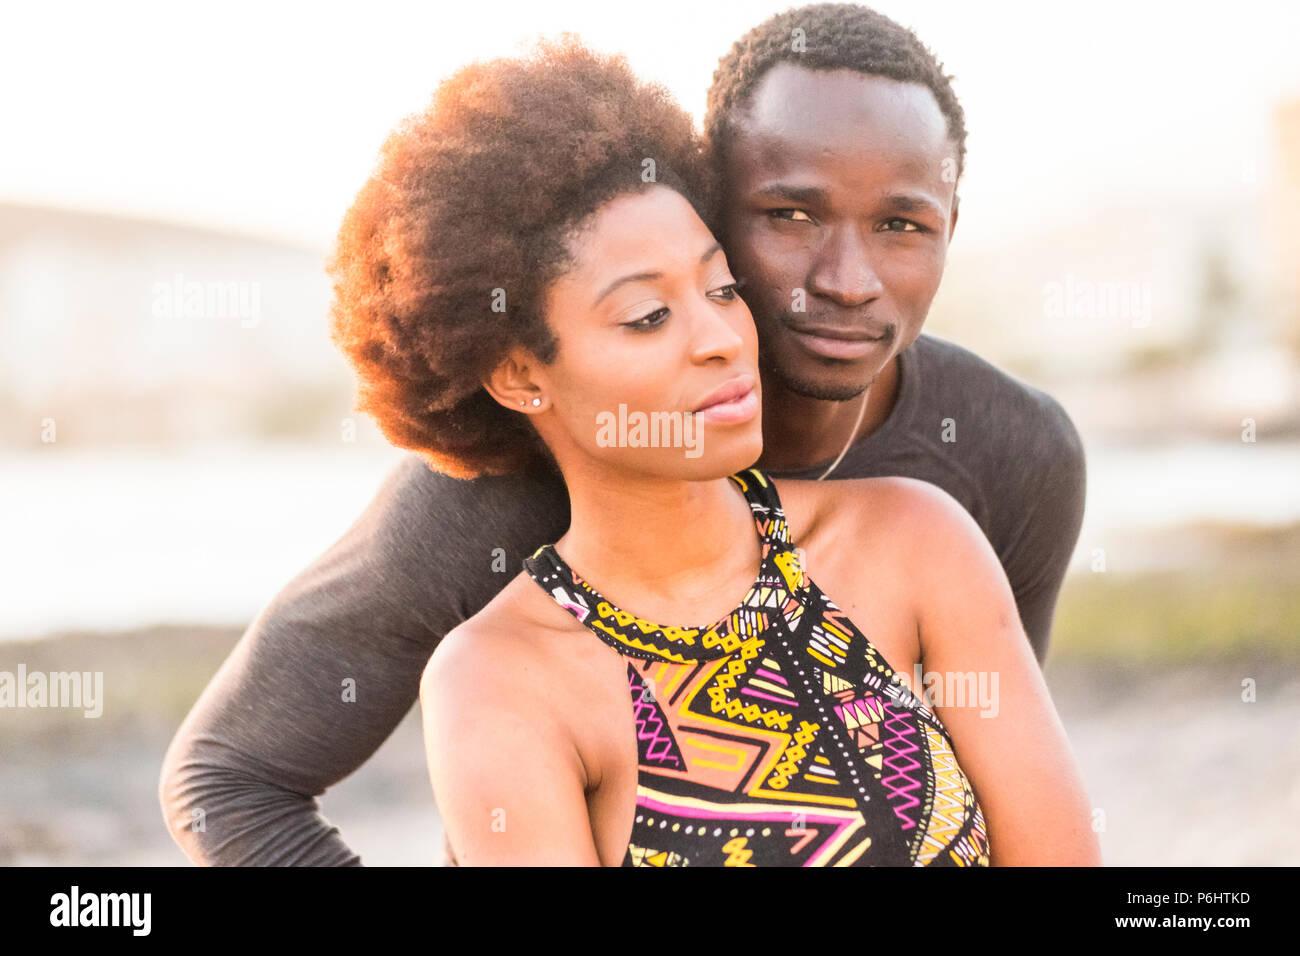 Happy black race african couple à la plage dans l'amour et de profiter de l'activité de loisirs ensemble assis près de la côte de l'océan l'heure d'été et aime vib Photo Stock